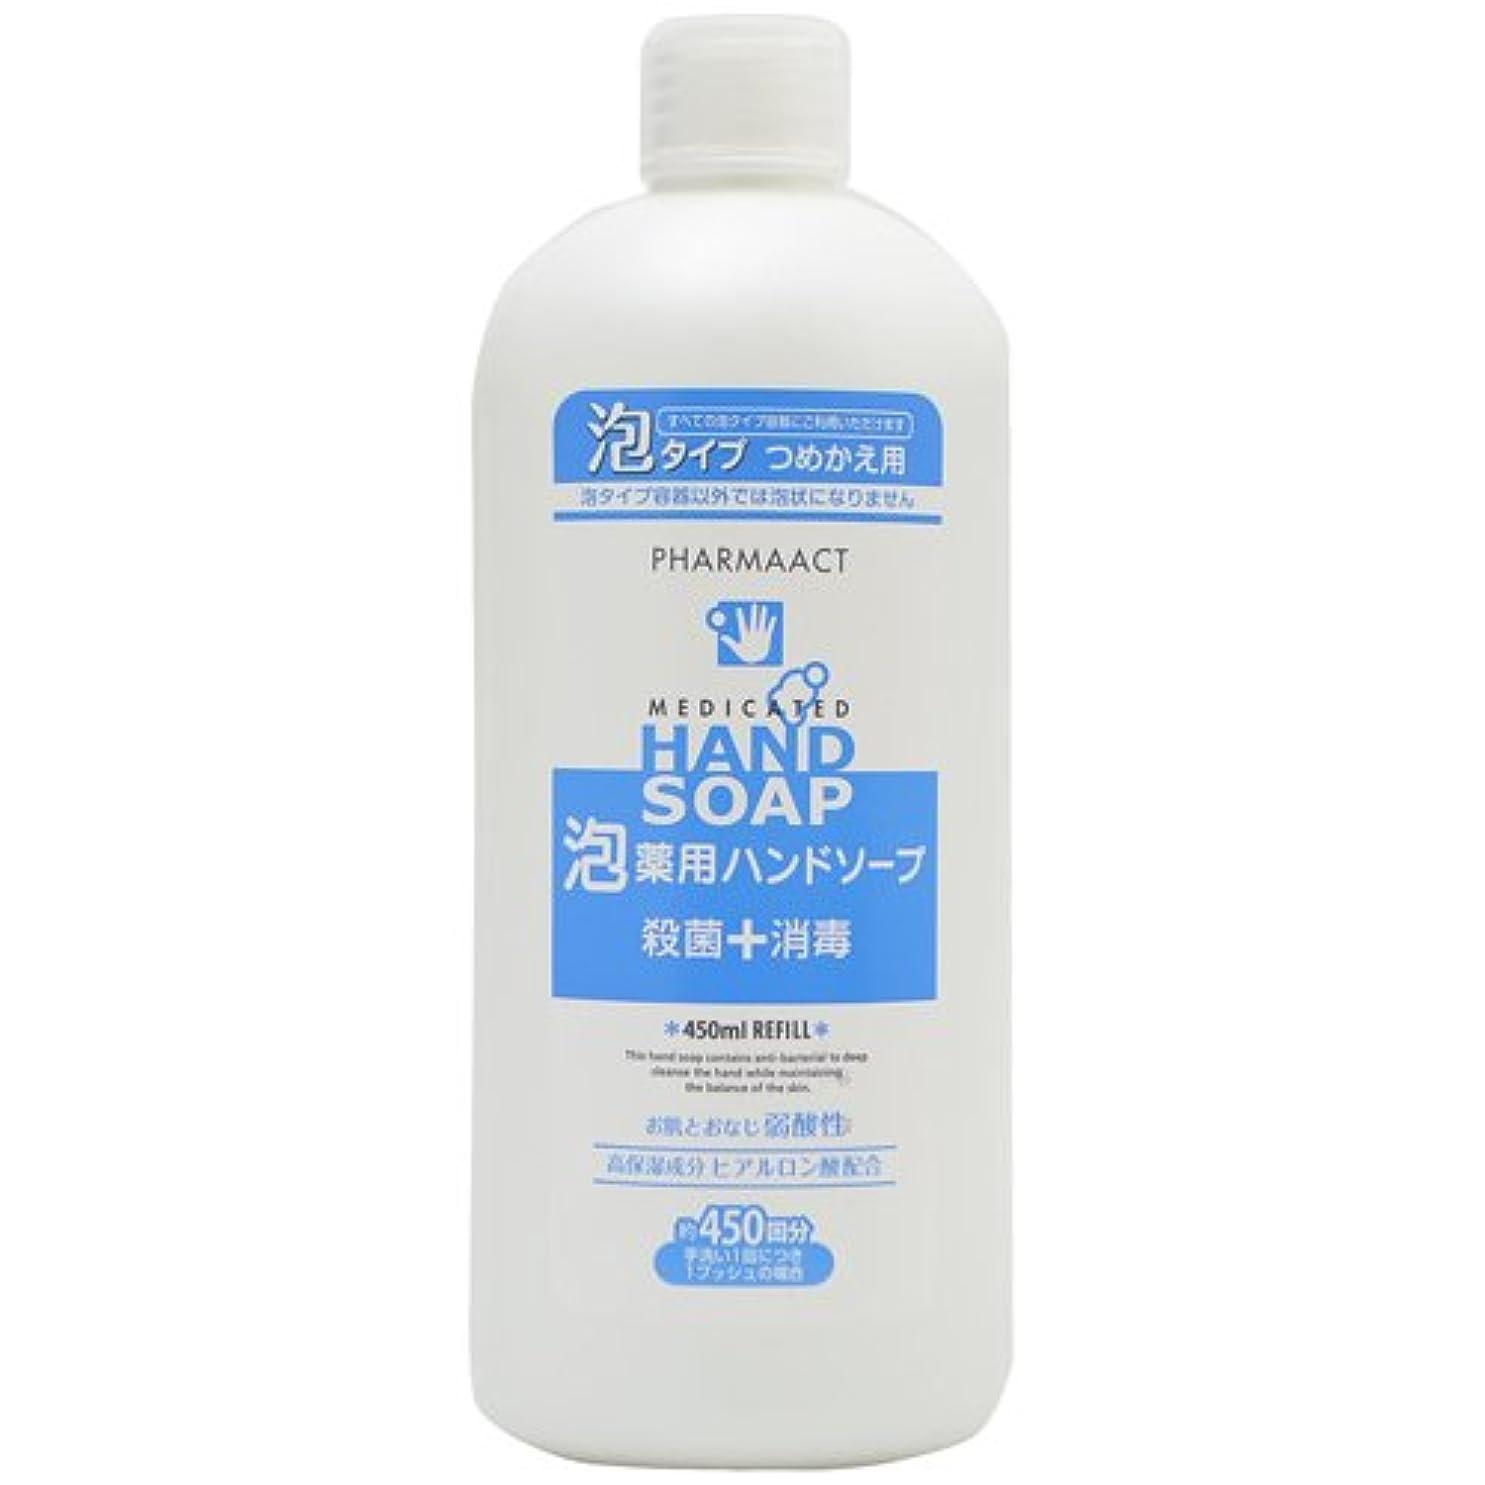 何かトレイル道を作る熊野油脂 ファーマアクト 薬用泡ハンドソープ つめかえ用 450ml×24点セット (4513574017603)